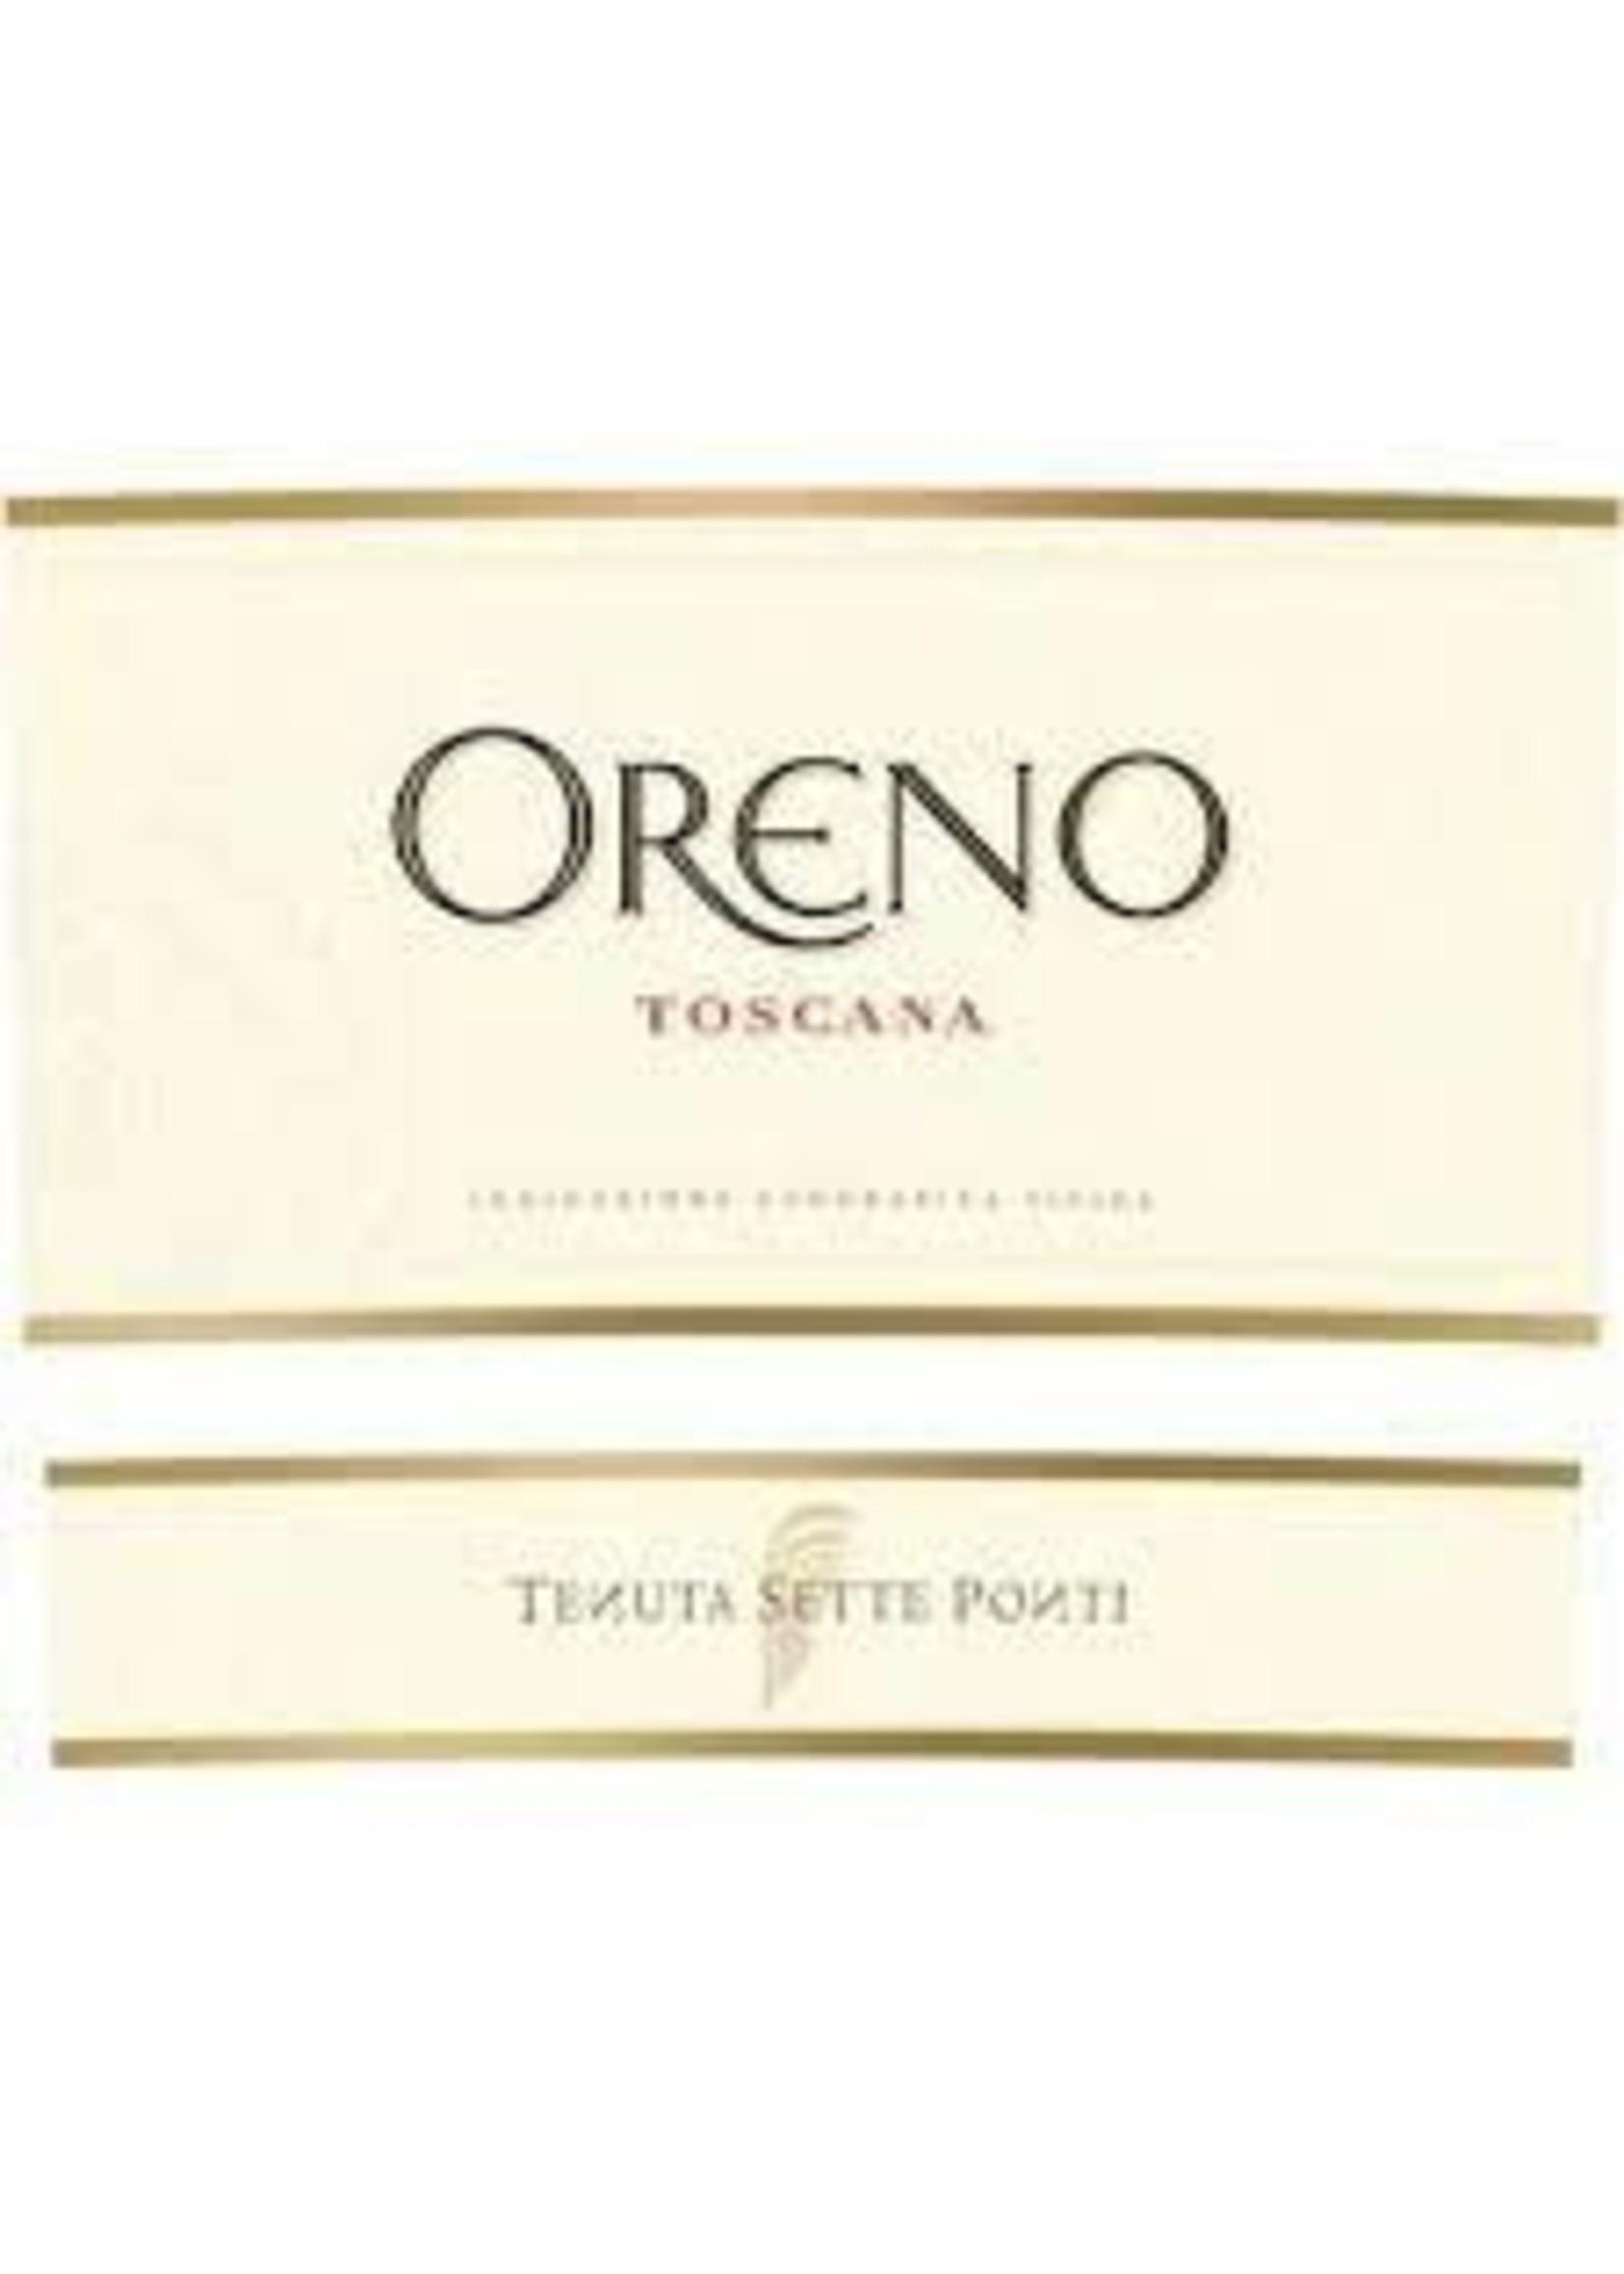 Sette Ponti 2019 Oreno 750ml